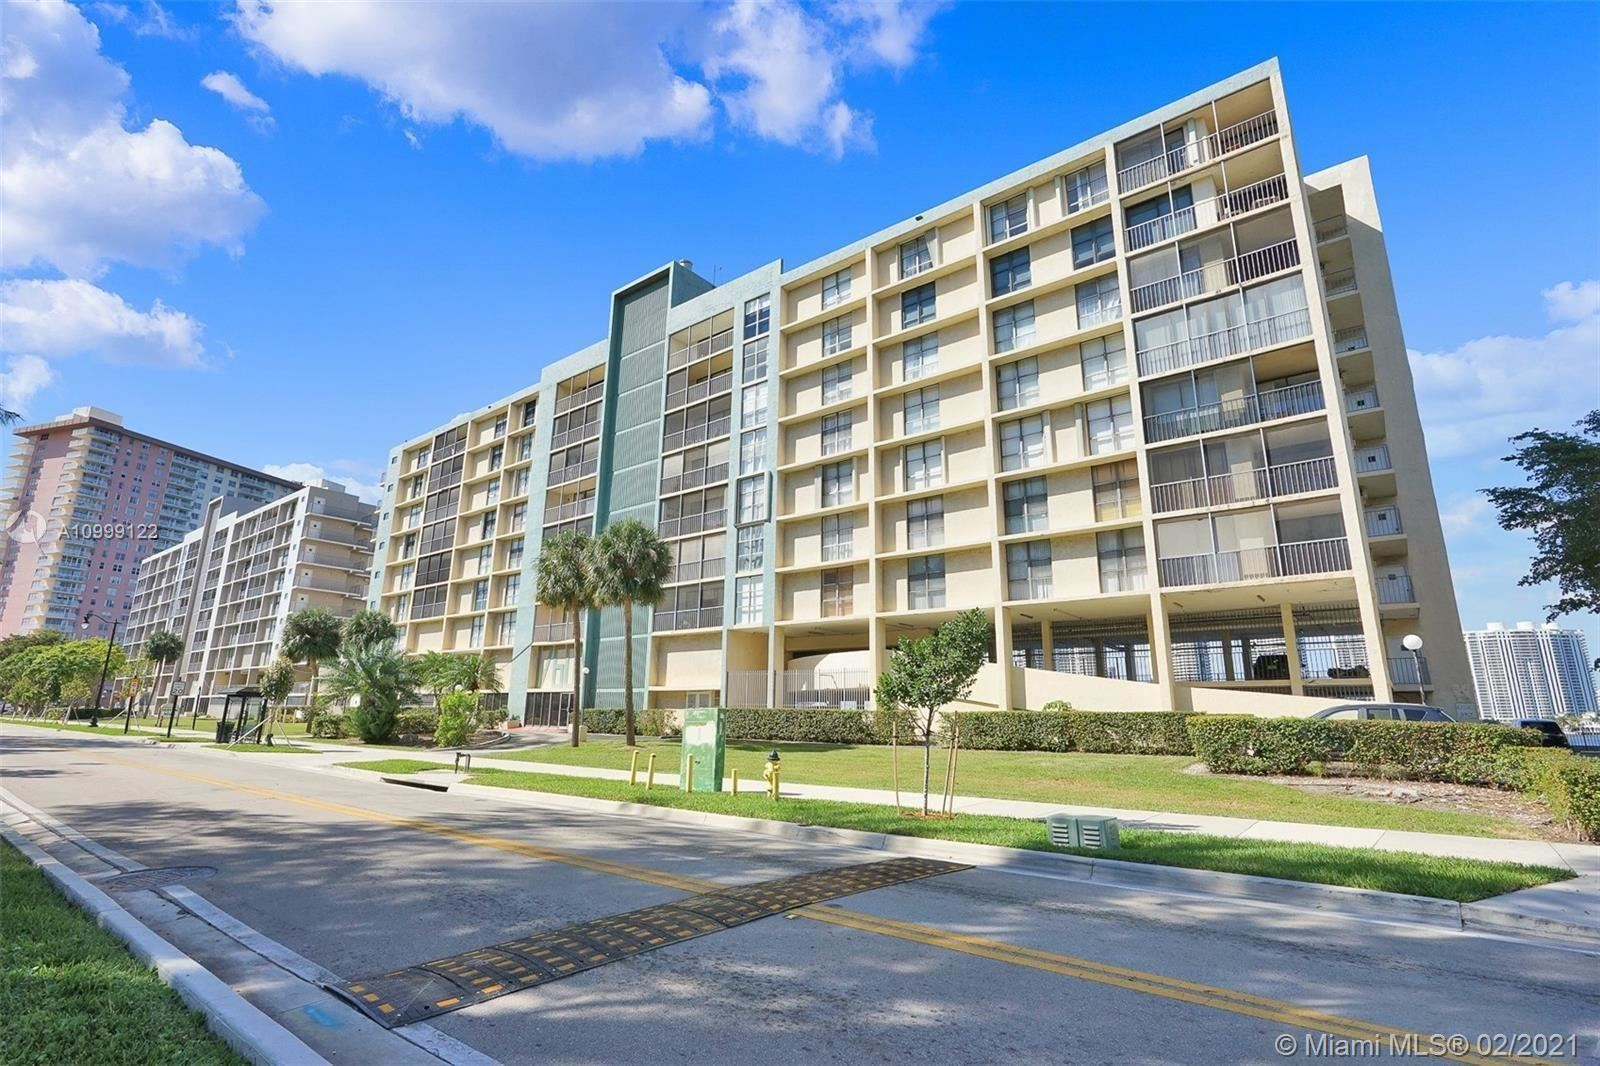 17600 N Bay Rd #N802, Sunny Isles, FL 33160 - #: A10999122